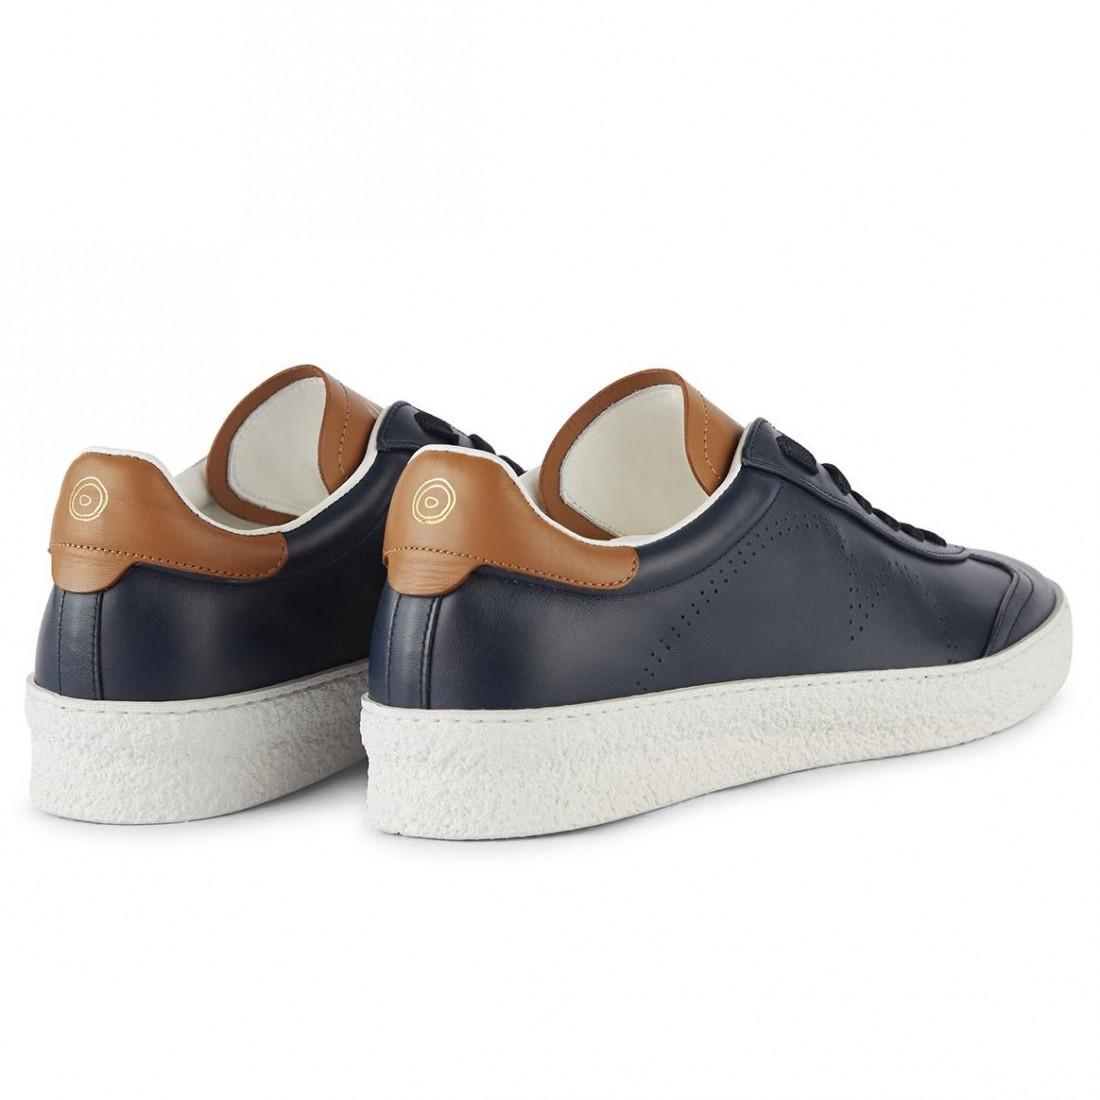 sneakers herren barracuda bu3095d06pmt06ib30 4350